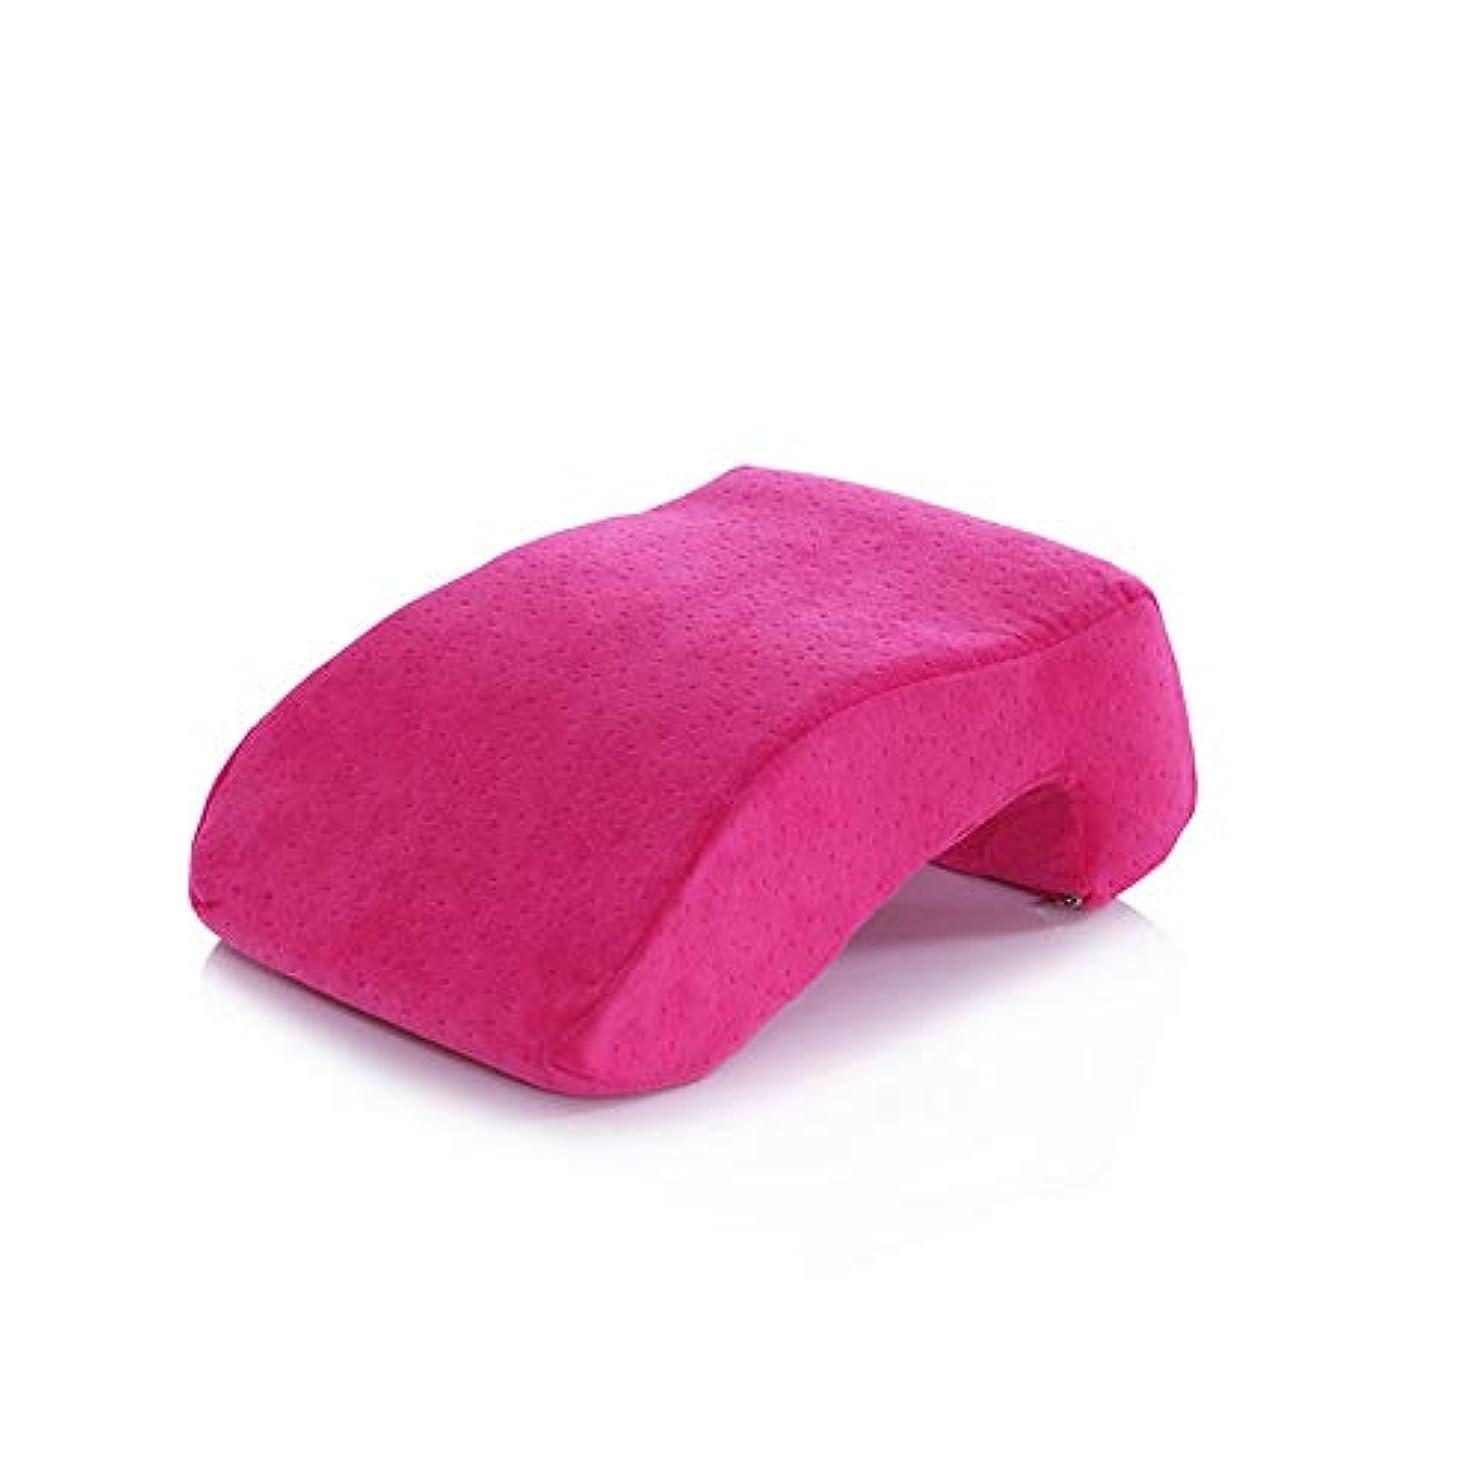 束立方体サポート取り外し可能なキルティングカバーが付いているサポート枕オフィスの休息の枕学生の昼休みの枕